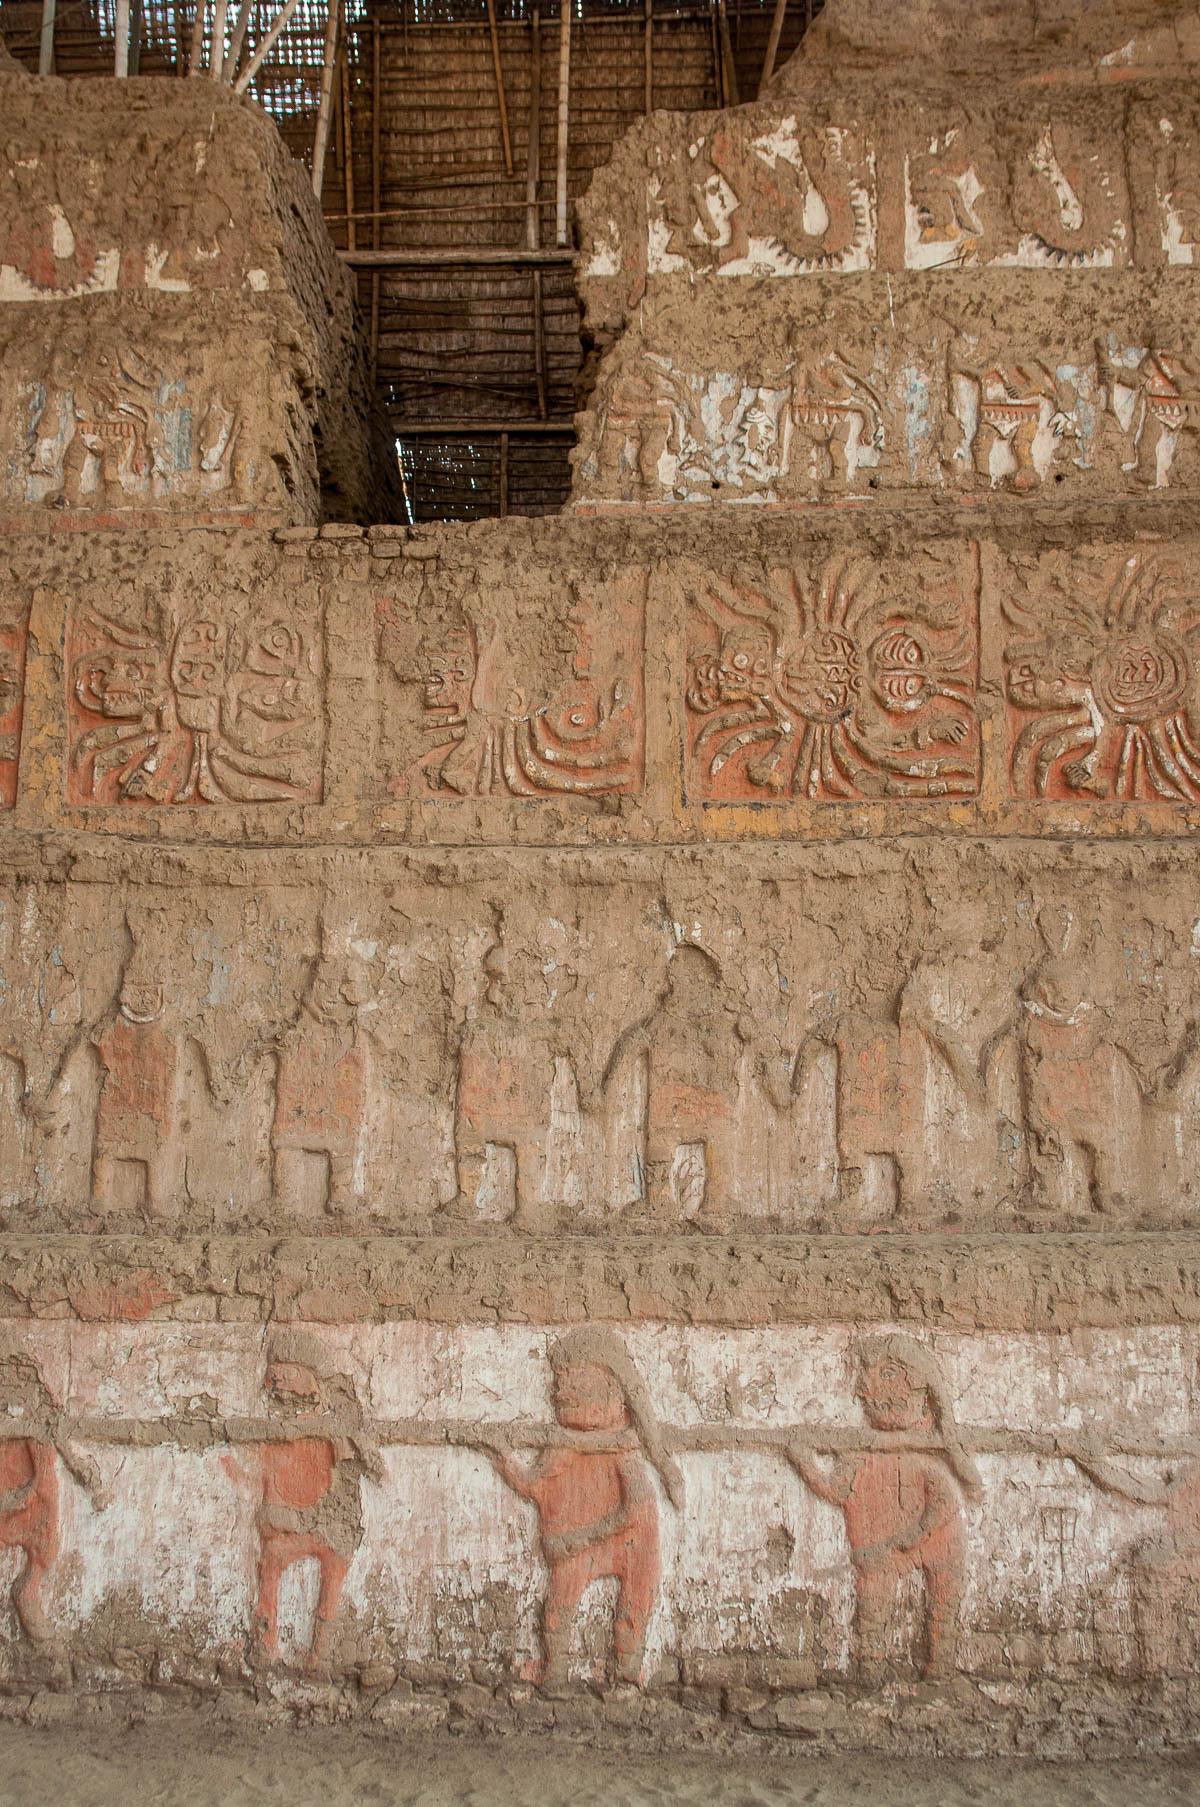 trujillo huaca mur relief